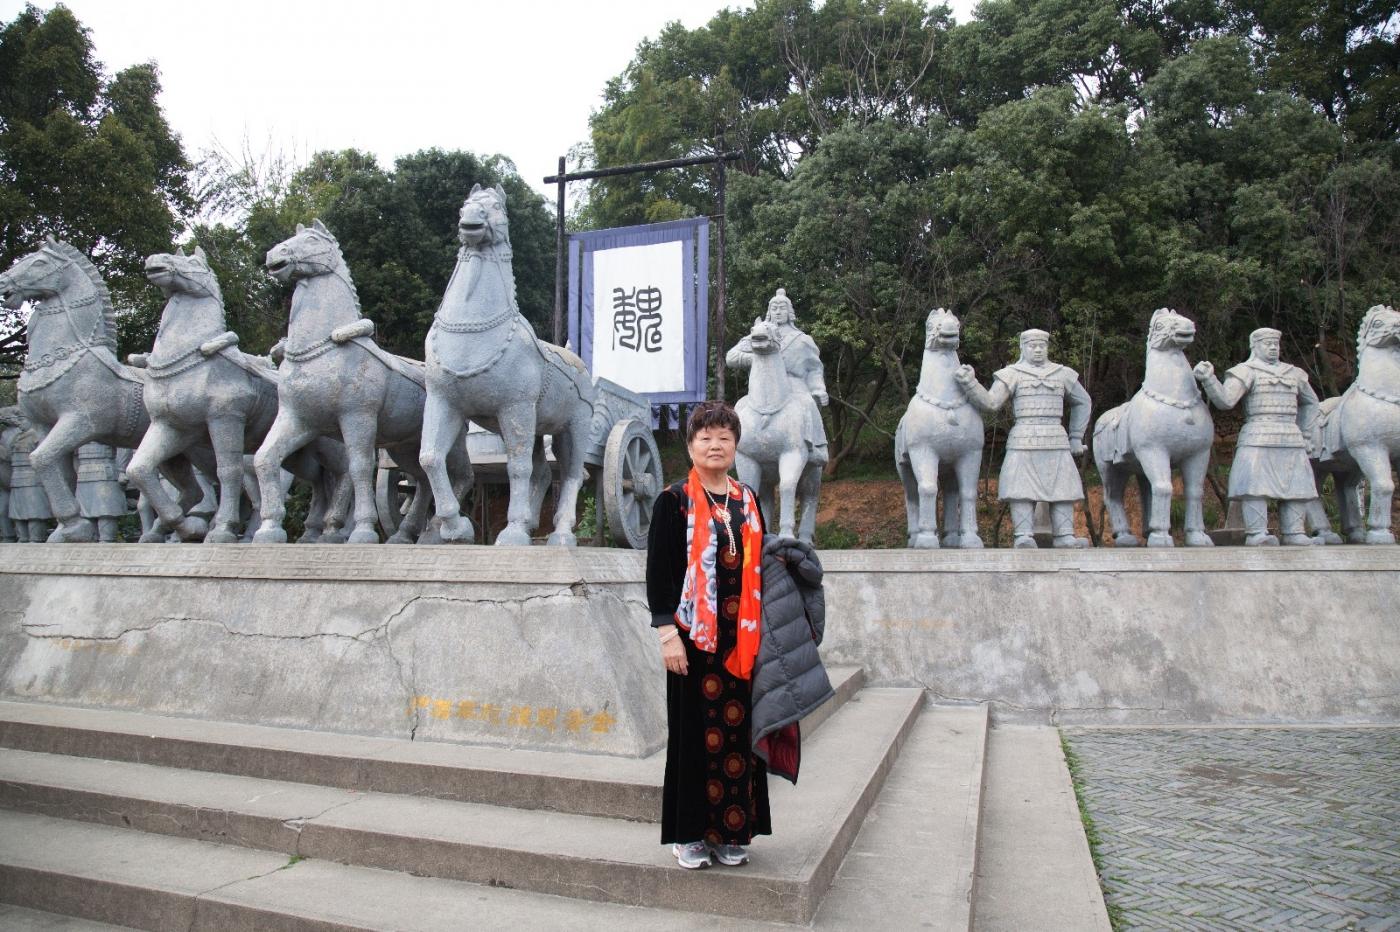 游无锡央视影视基地,观三国沙场大战演出_图1-9